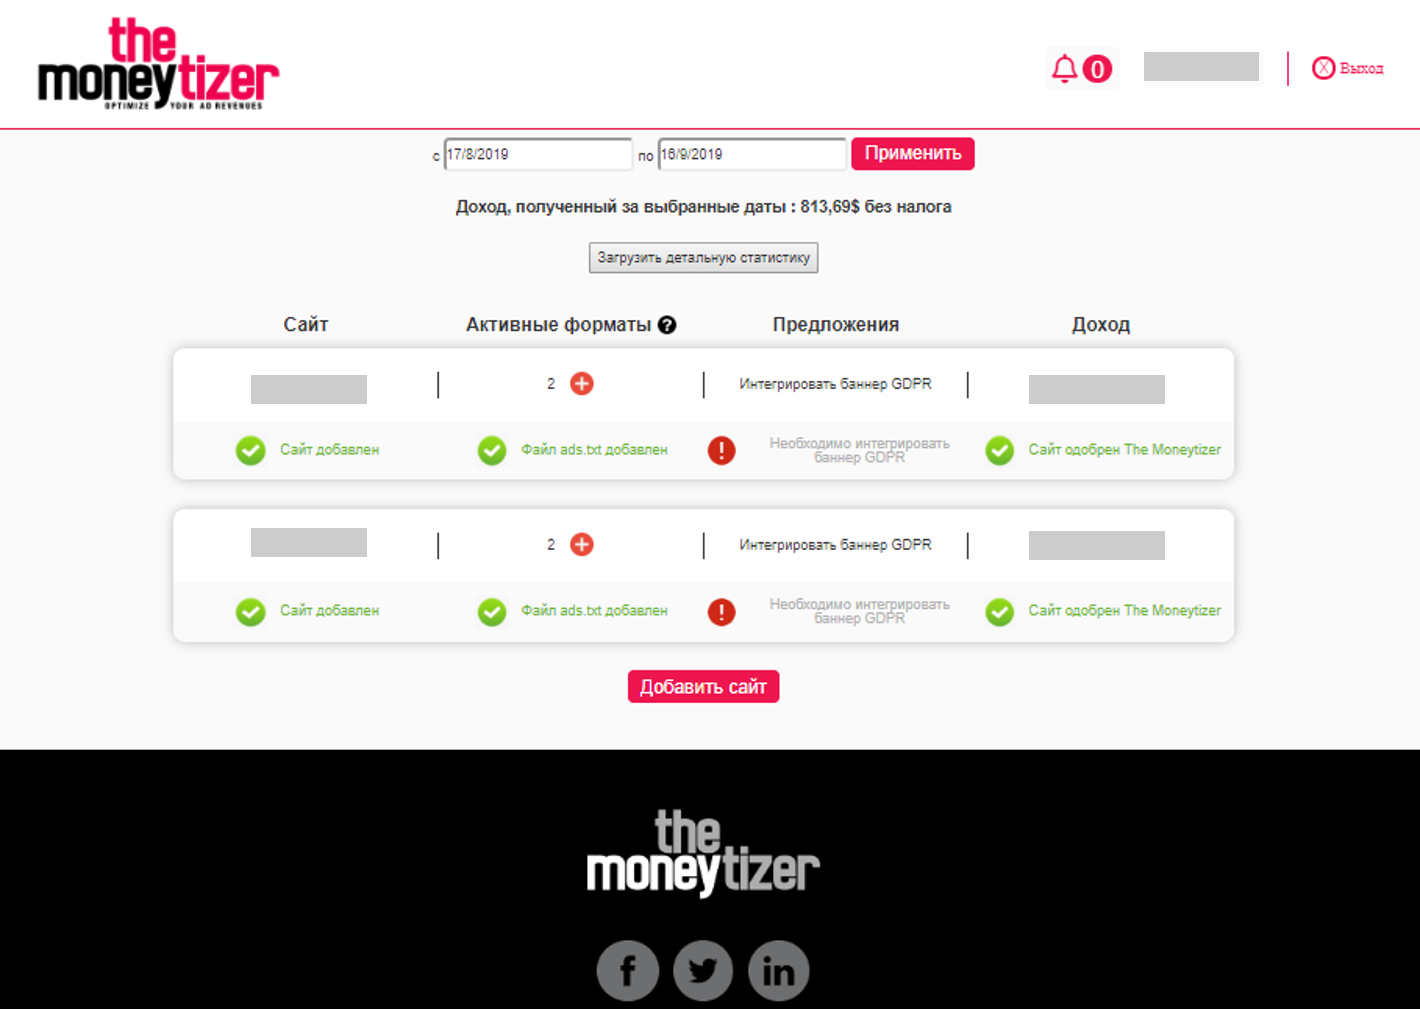 The Moneybox - Детализация по сайтам, форматам, датам